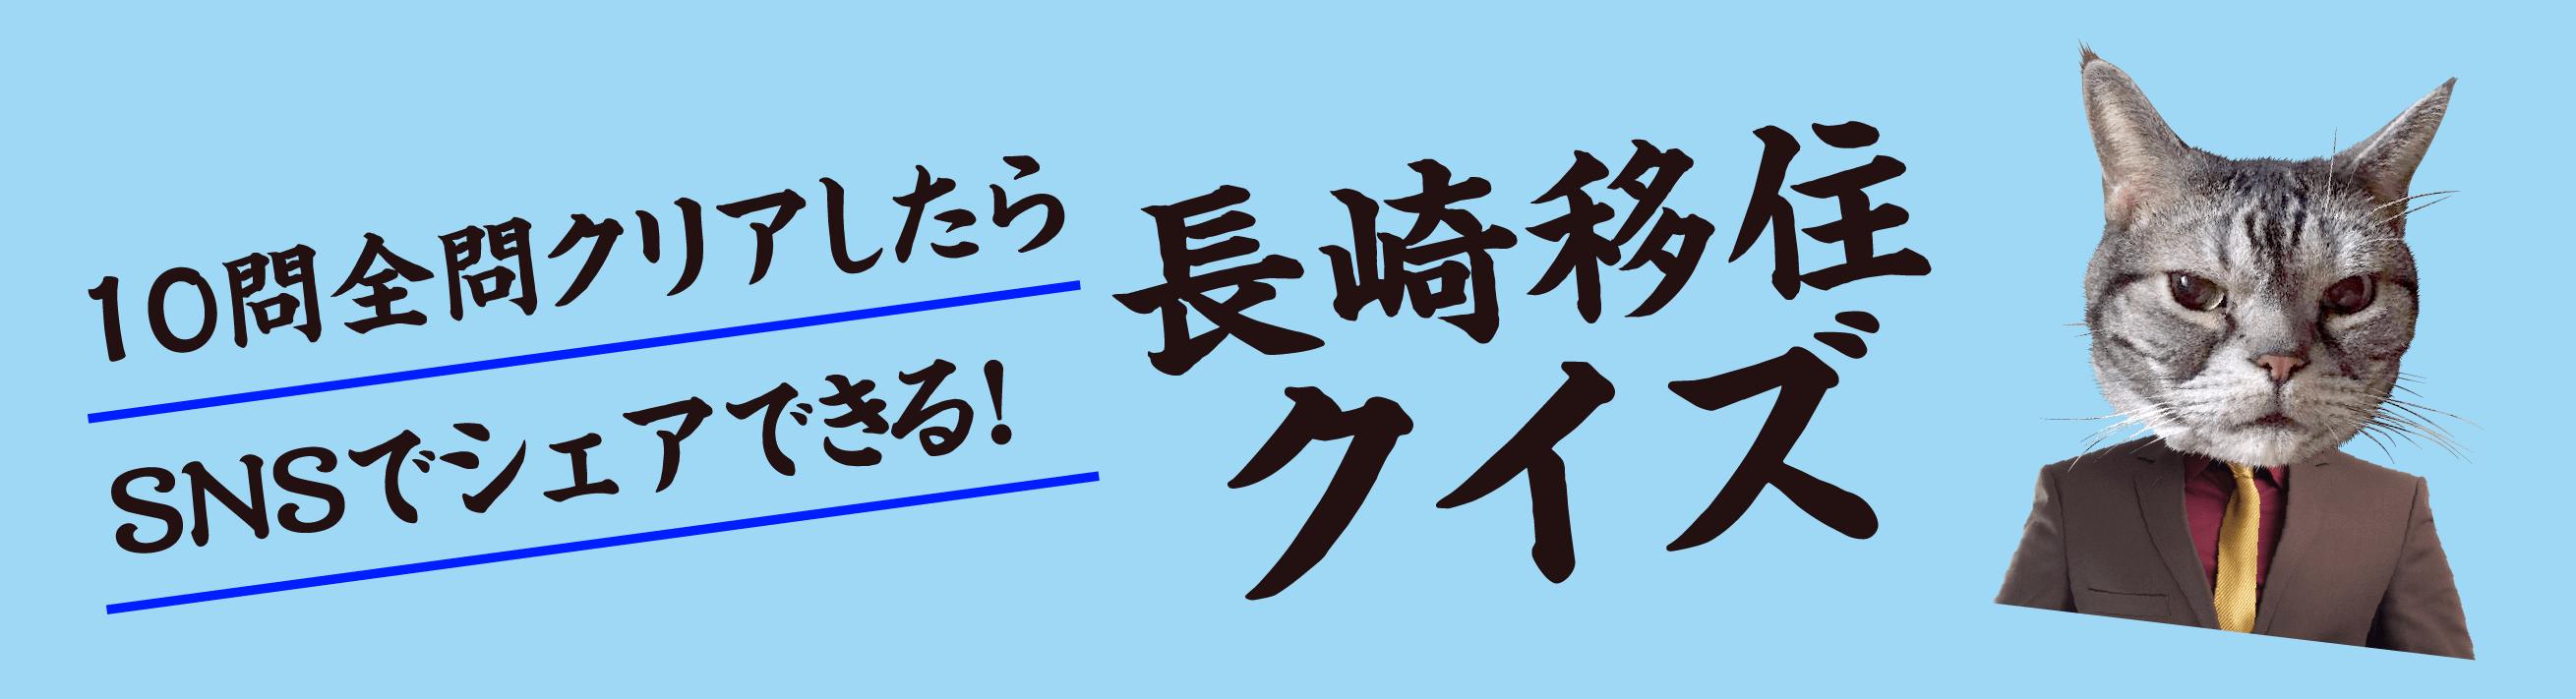 長崎移住クイズ